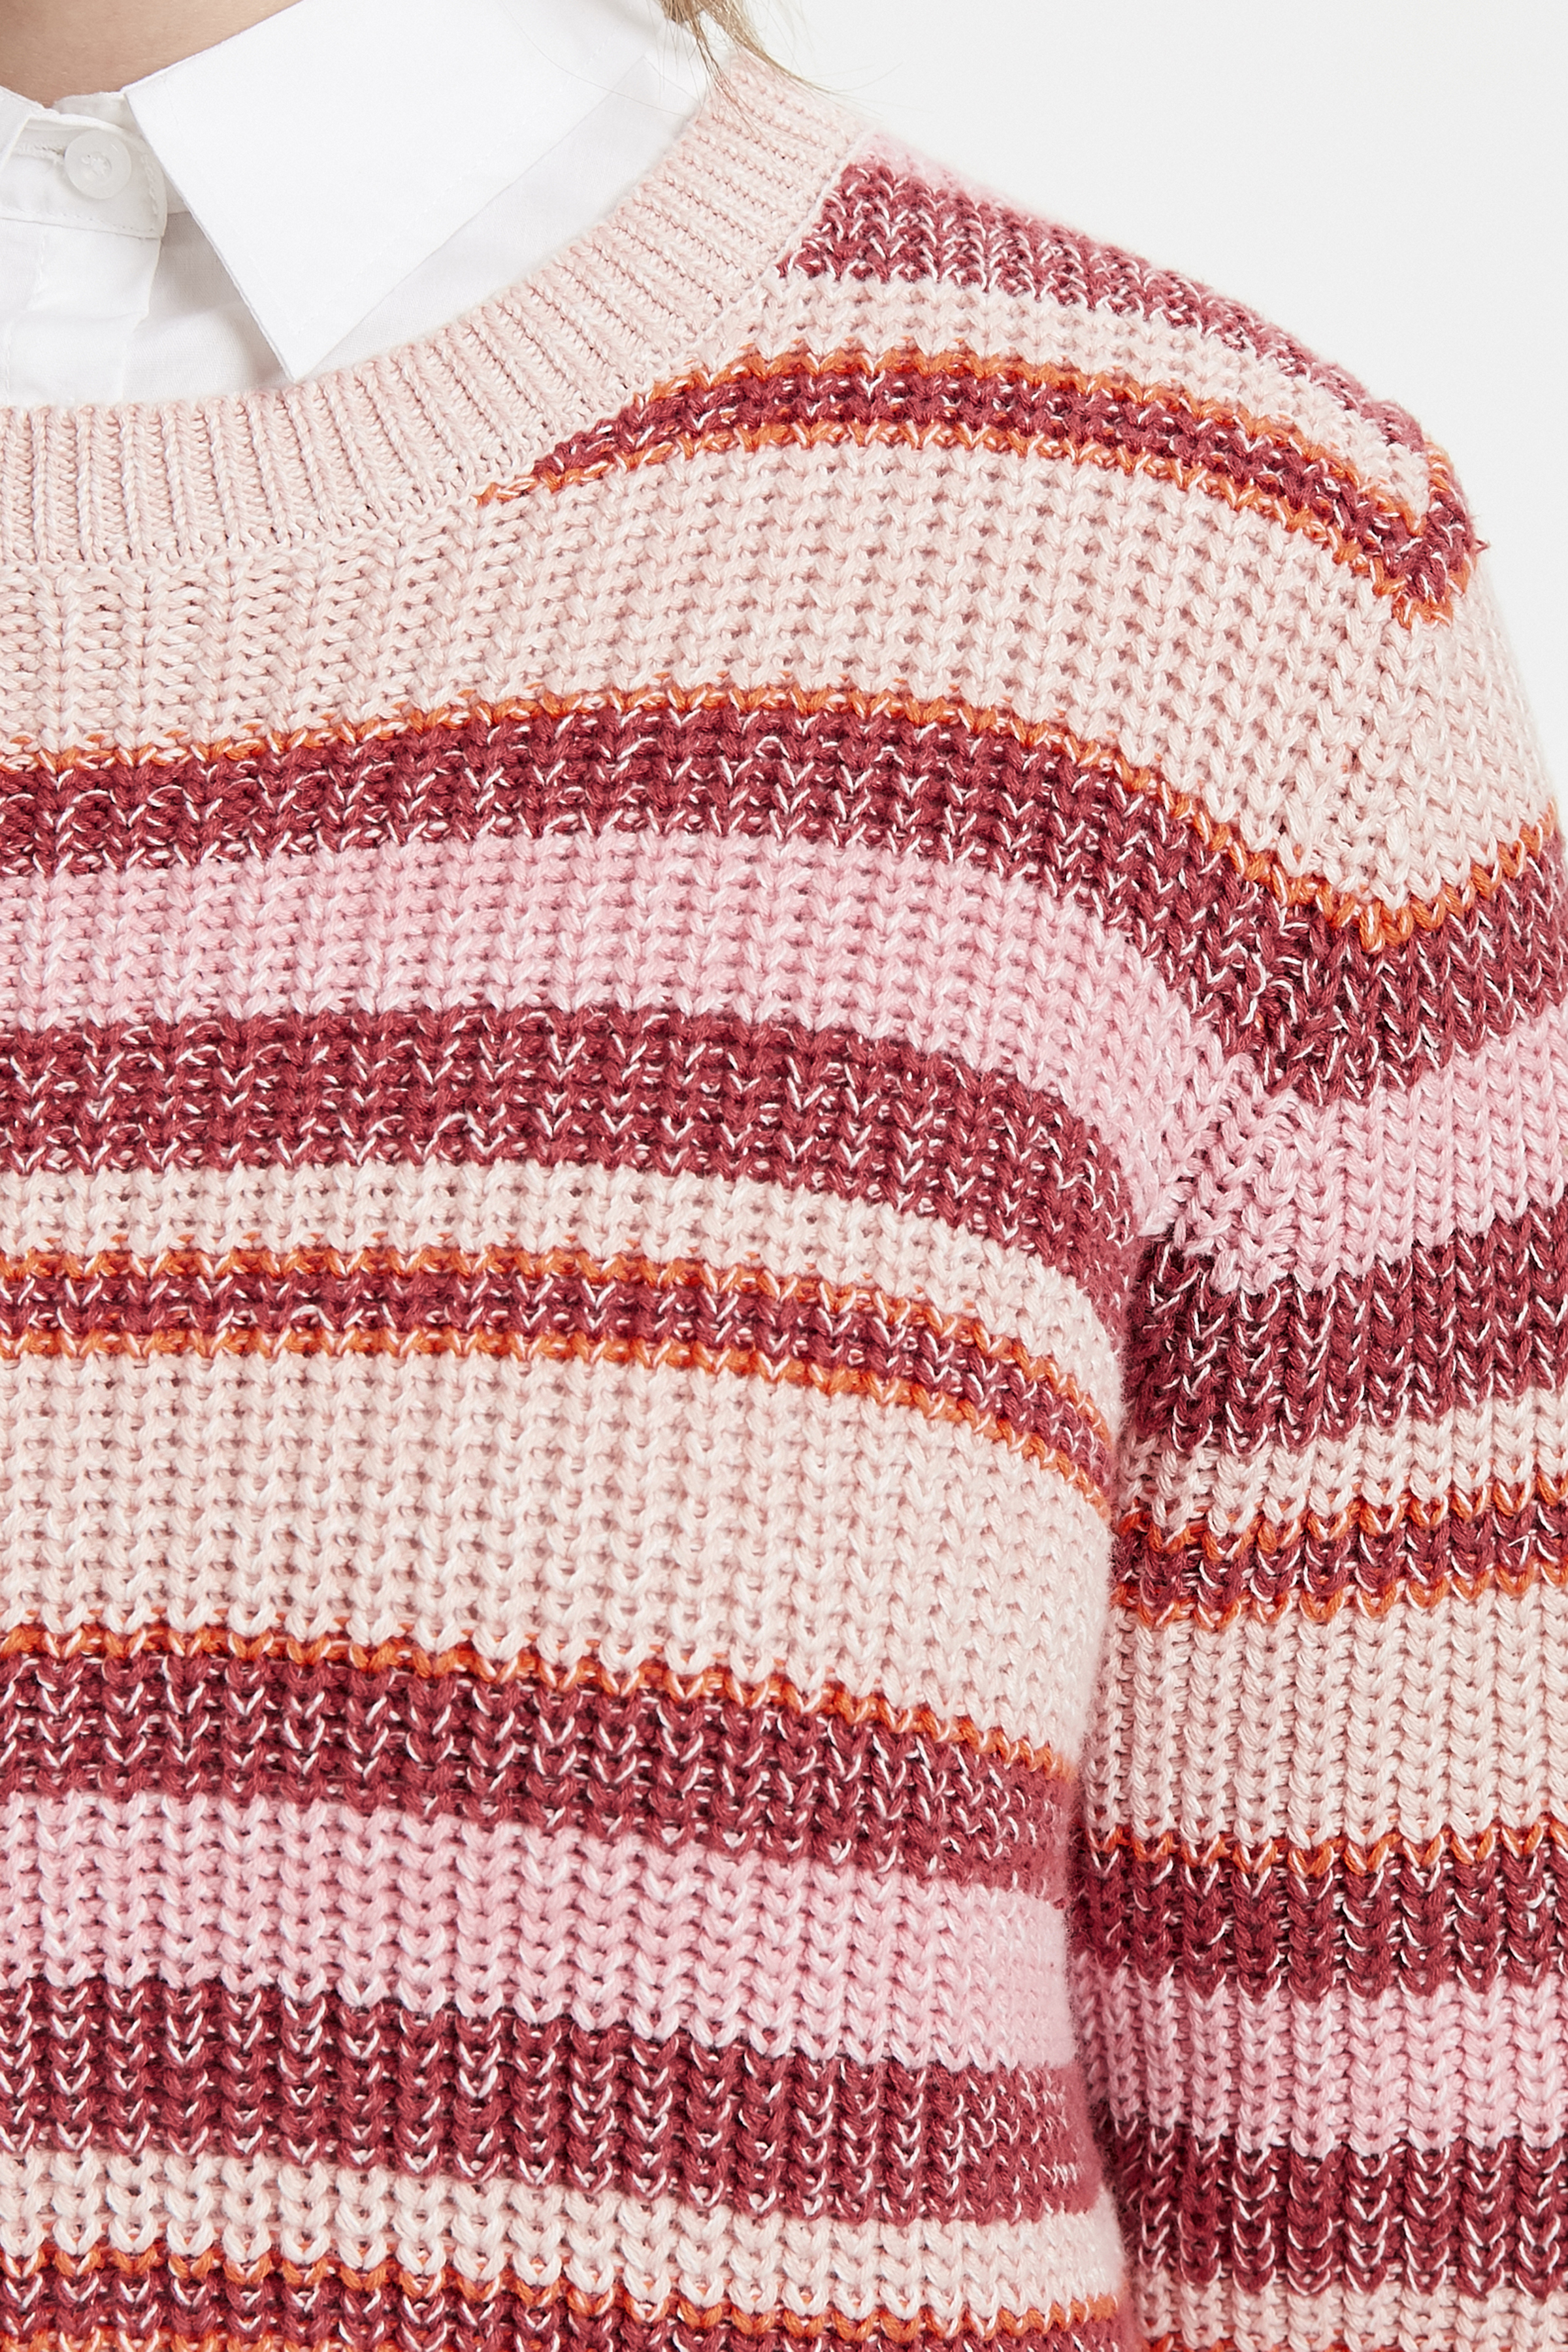 Dimrosa/röd Stickad pullover från Cream – Köp Dimrosa/röd Stickad pullover från stl. XS-XXL här